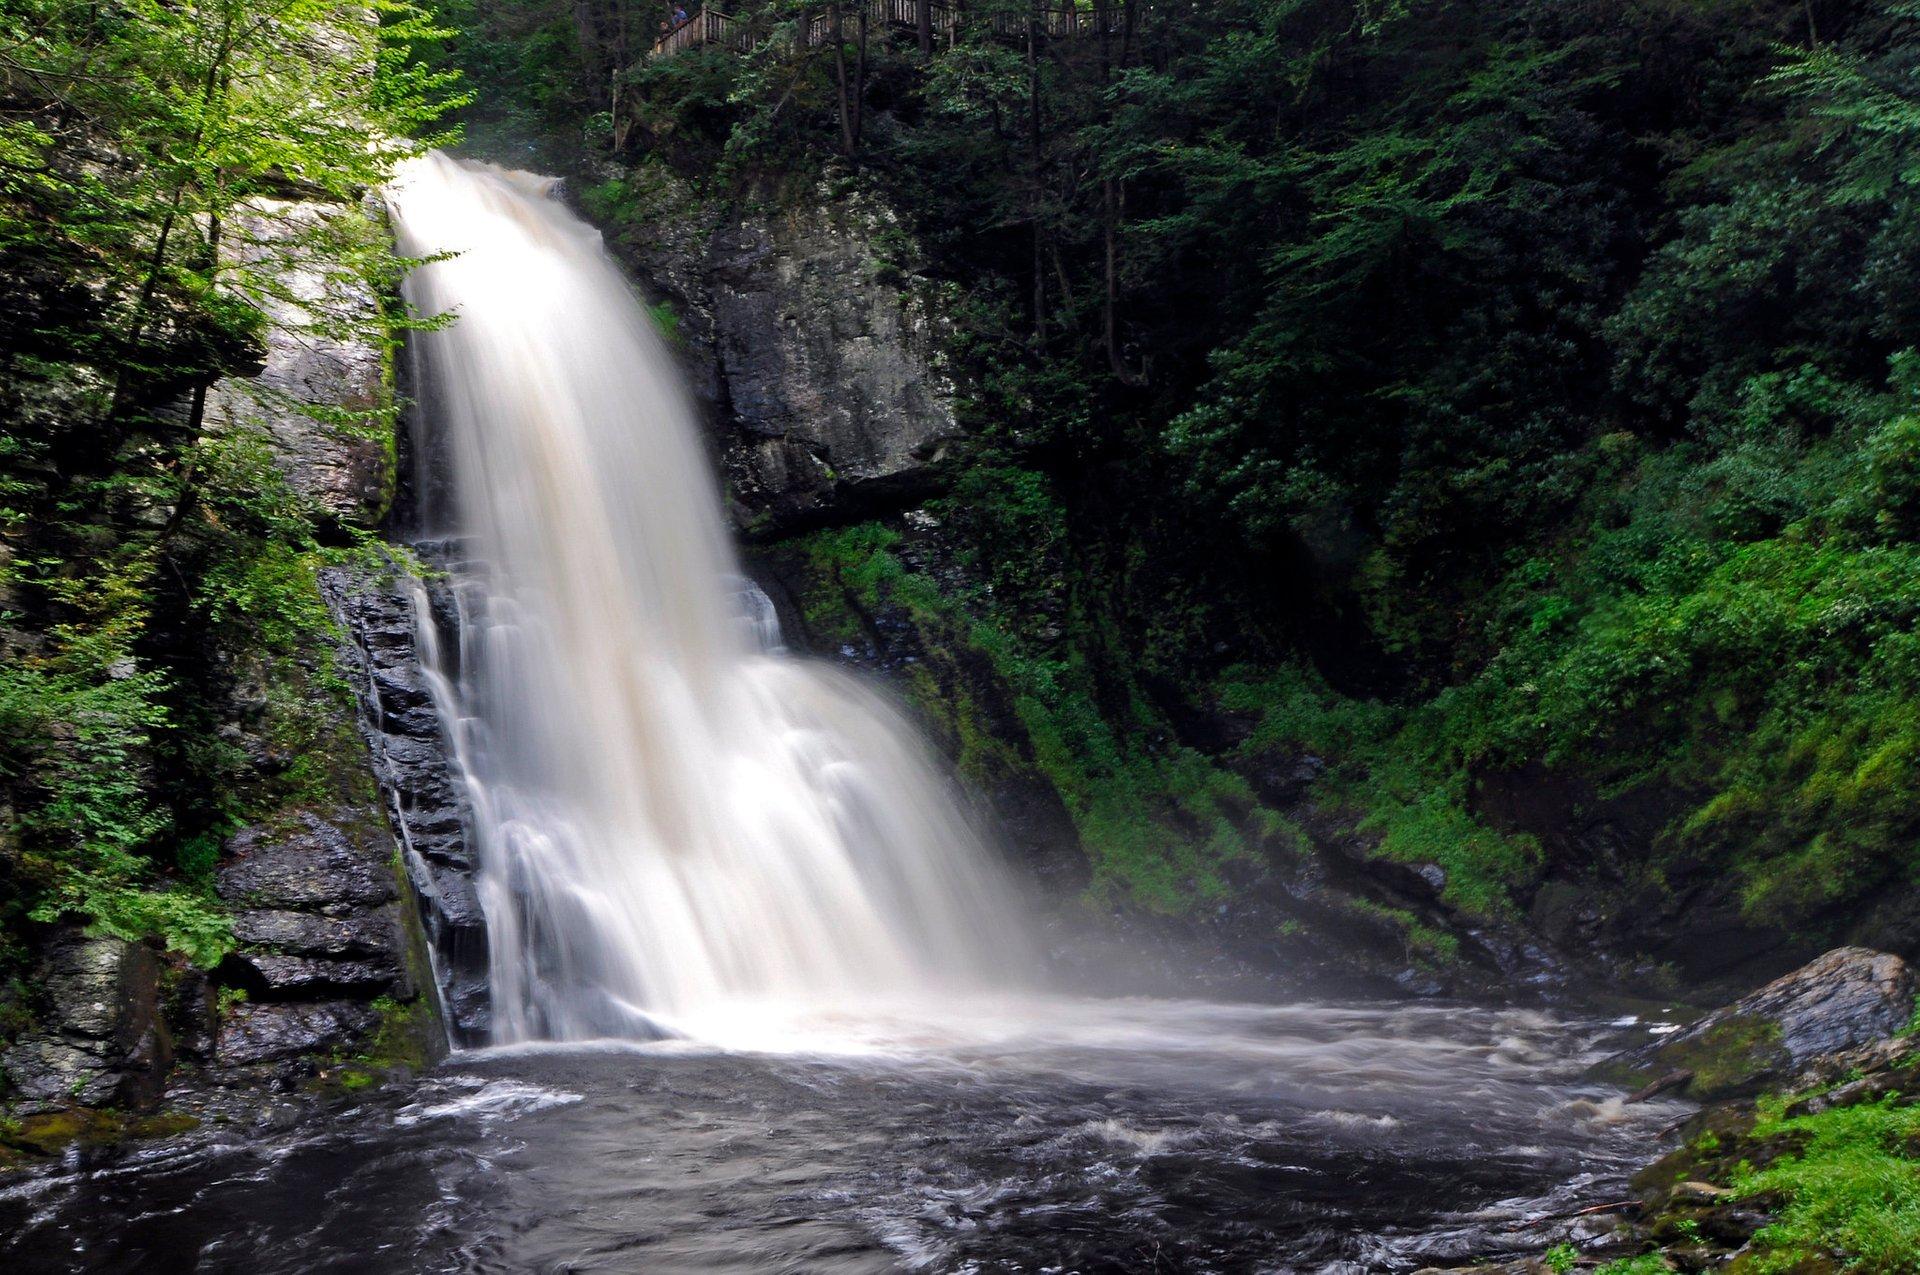 Bushkill Falls 2020